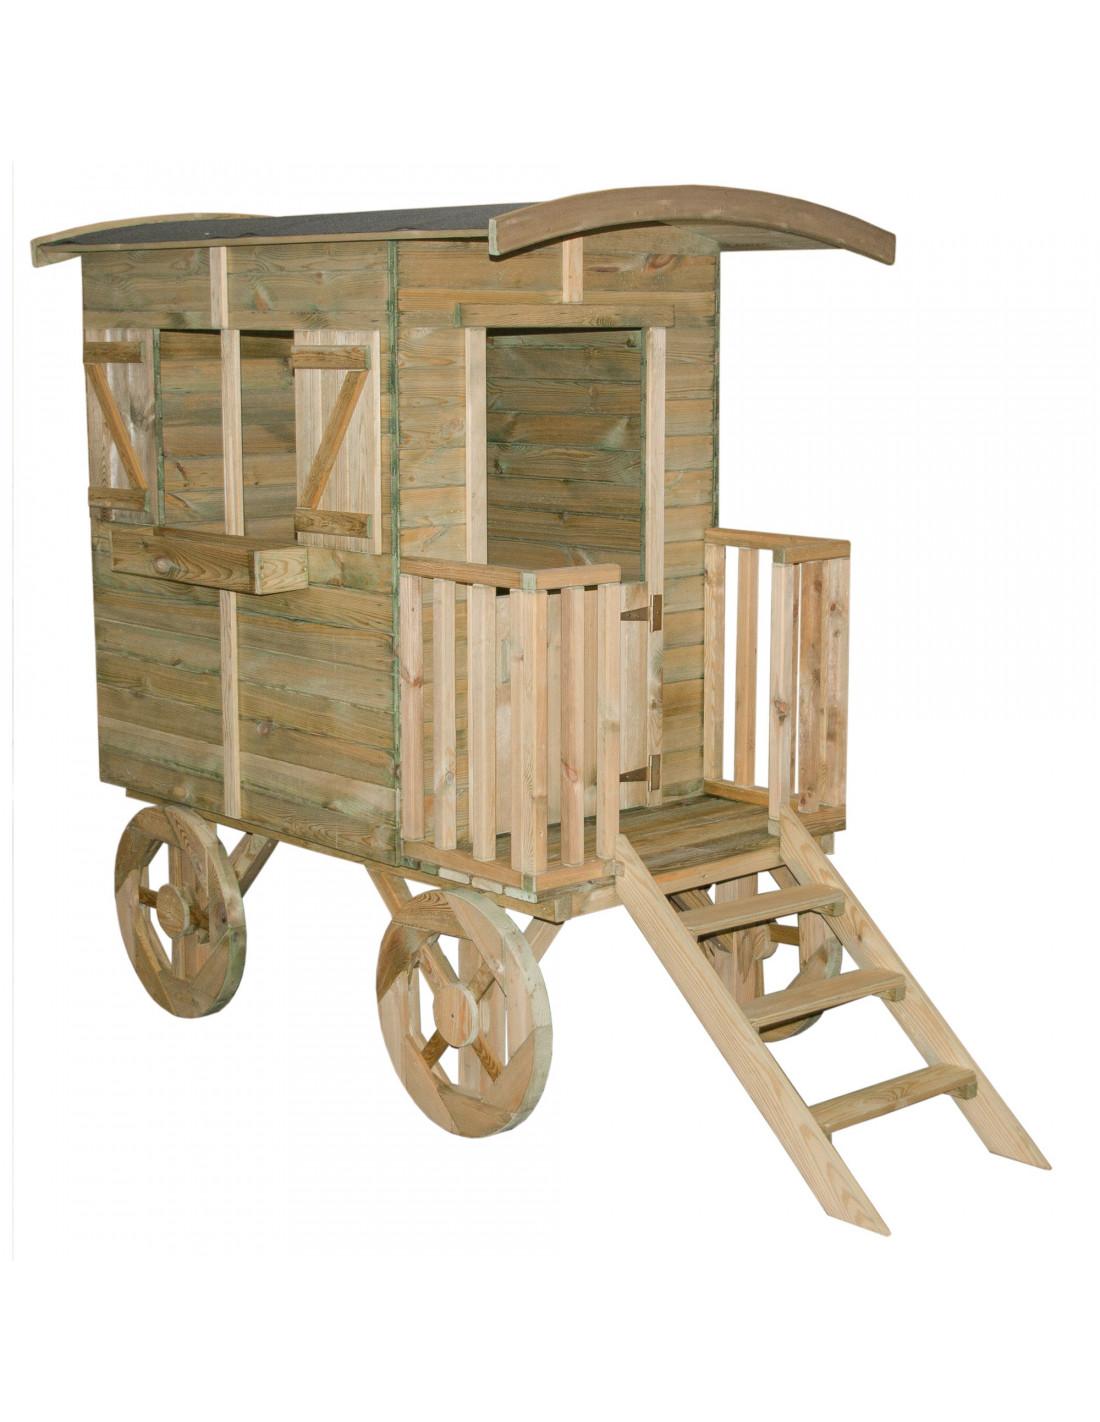 Roulotte en bois western plancher inclus trait Porte western bois